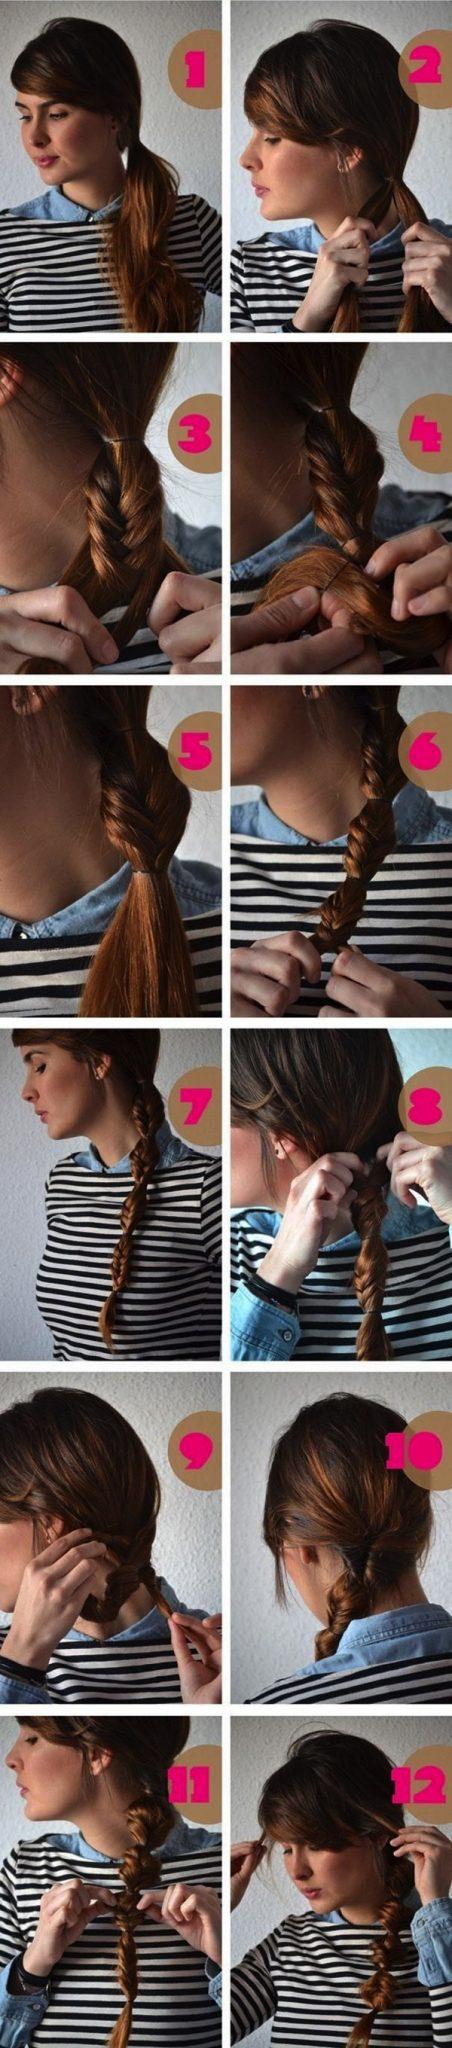 Cómo hacer Peinados de princesa de Disney paso a paso 9